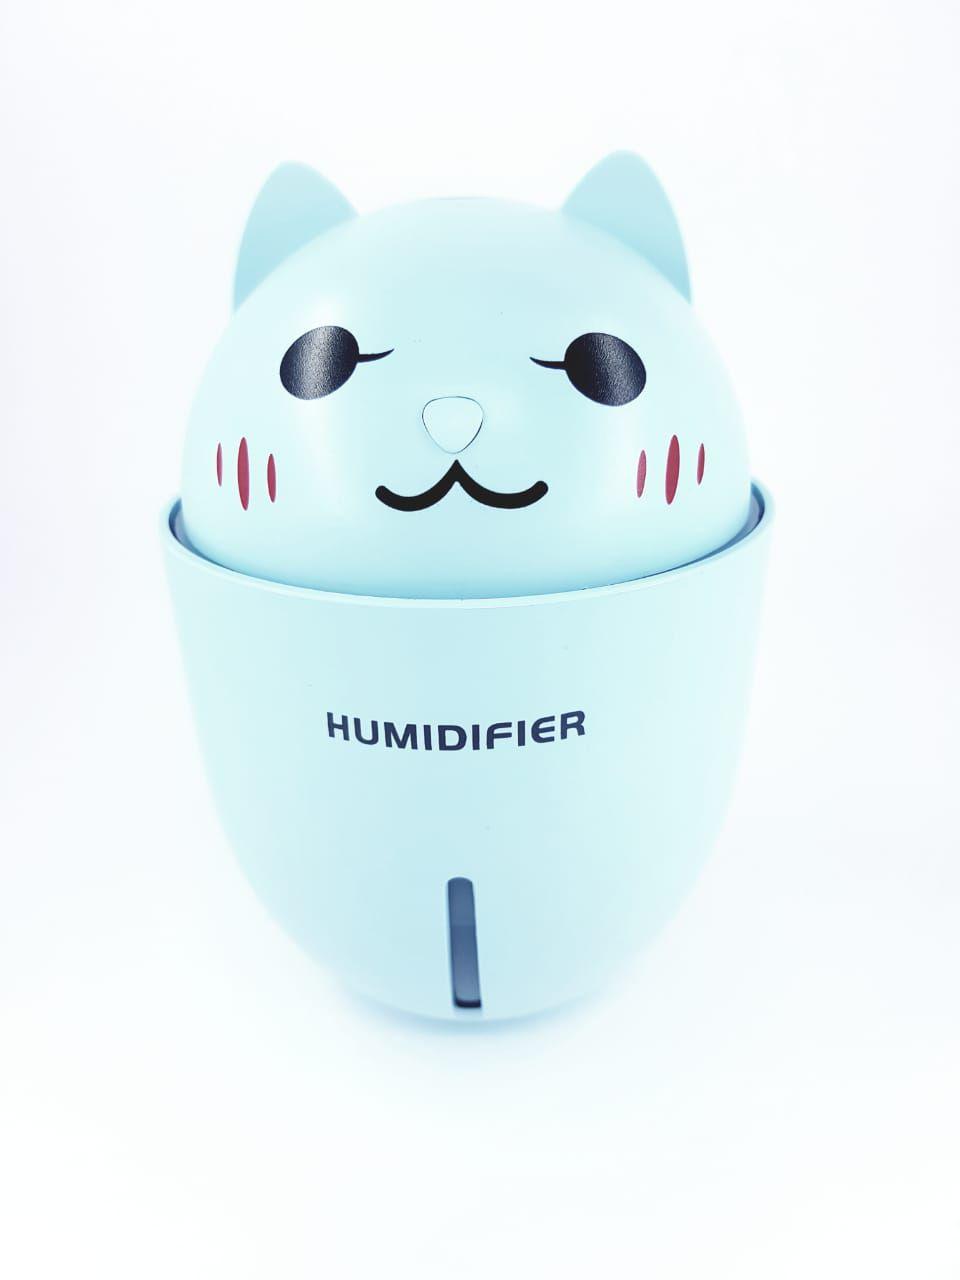 Umidificador de ar de mesa bivolt portátil com luz de led e ventilador abajur usb Azul 3 em 1